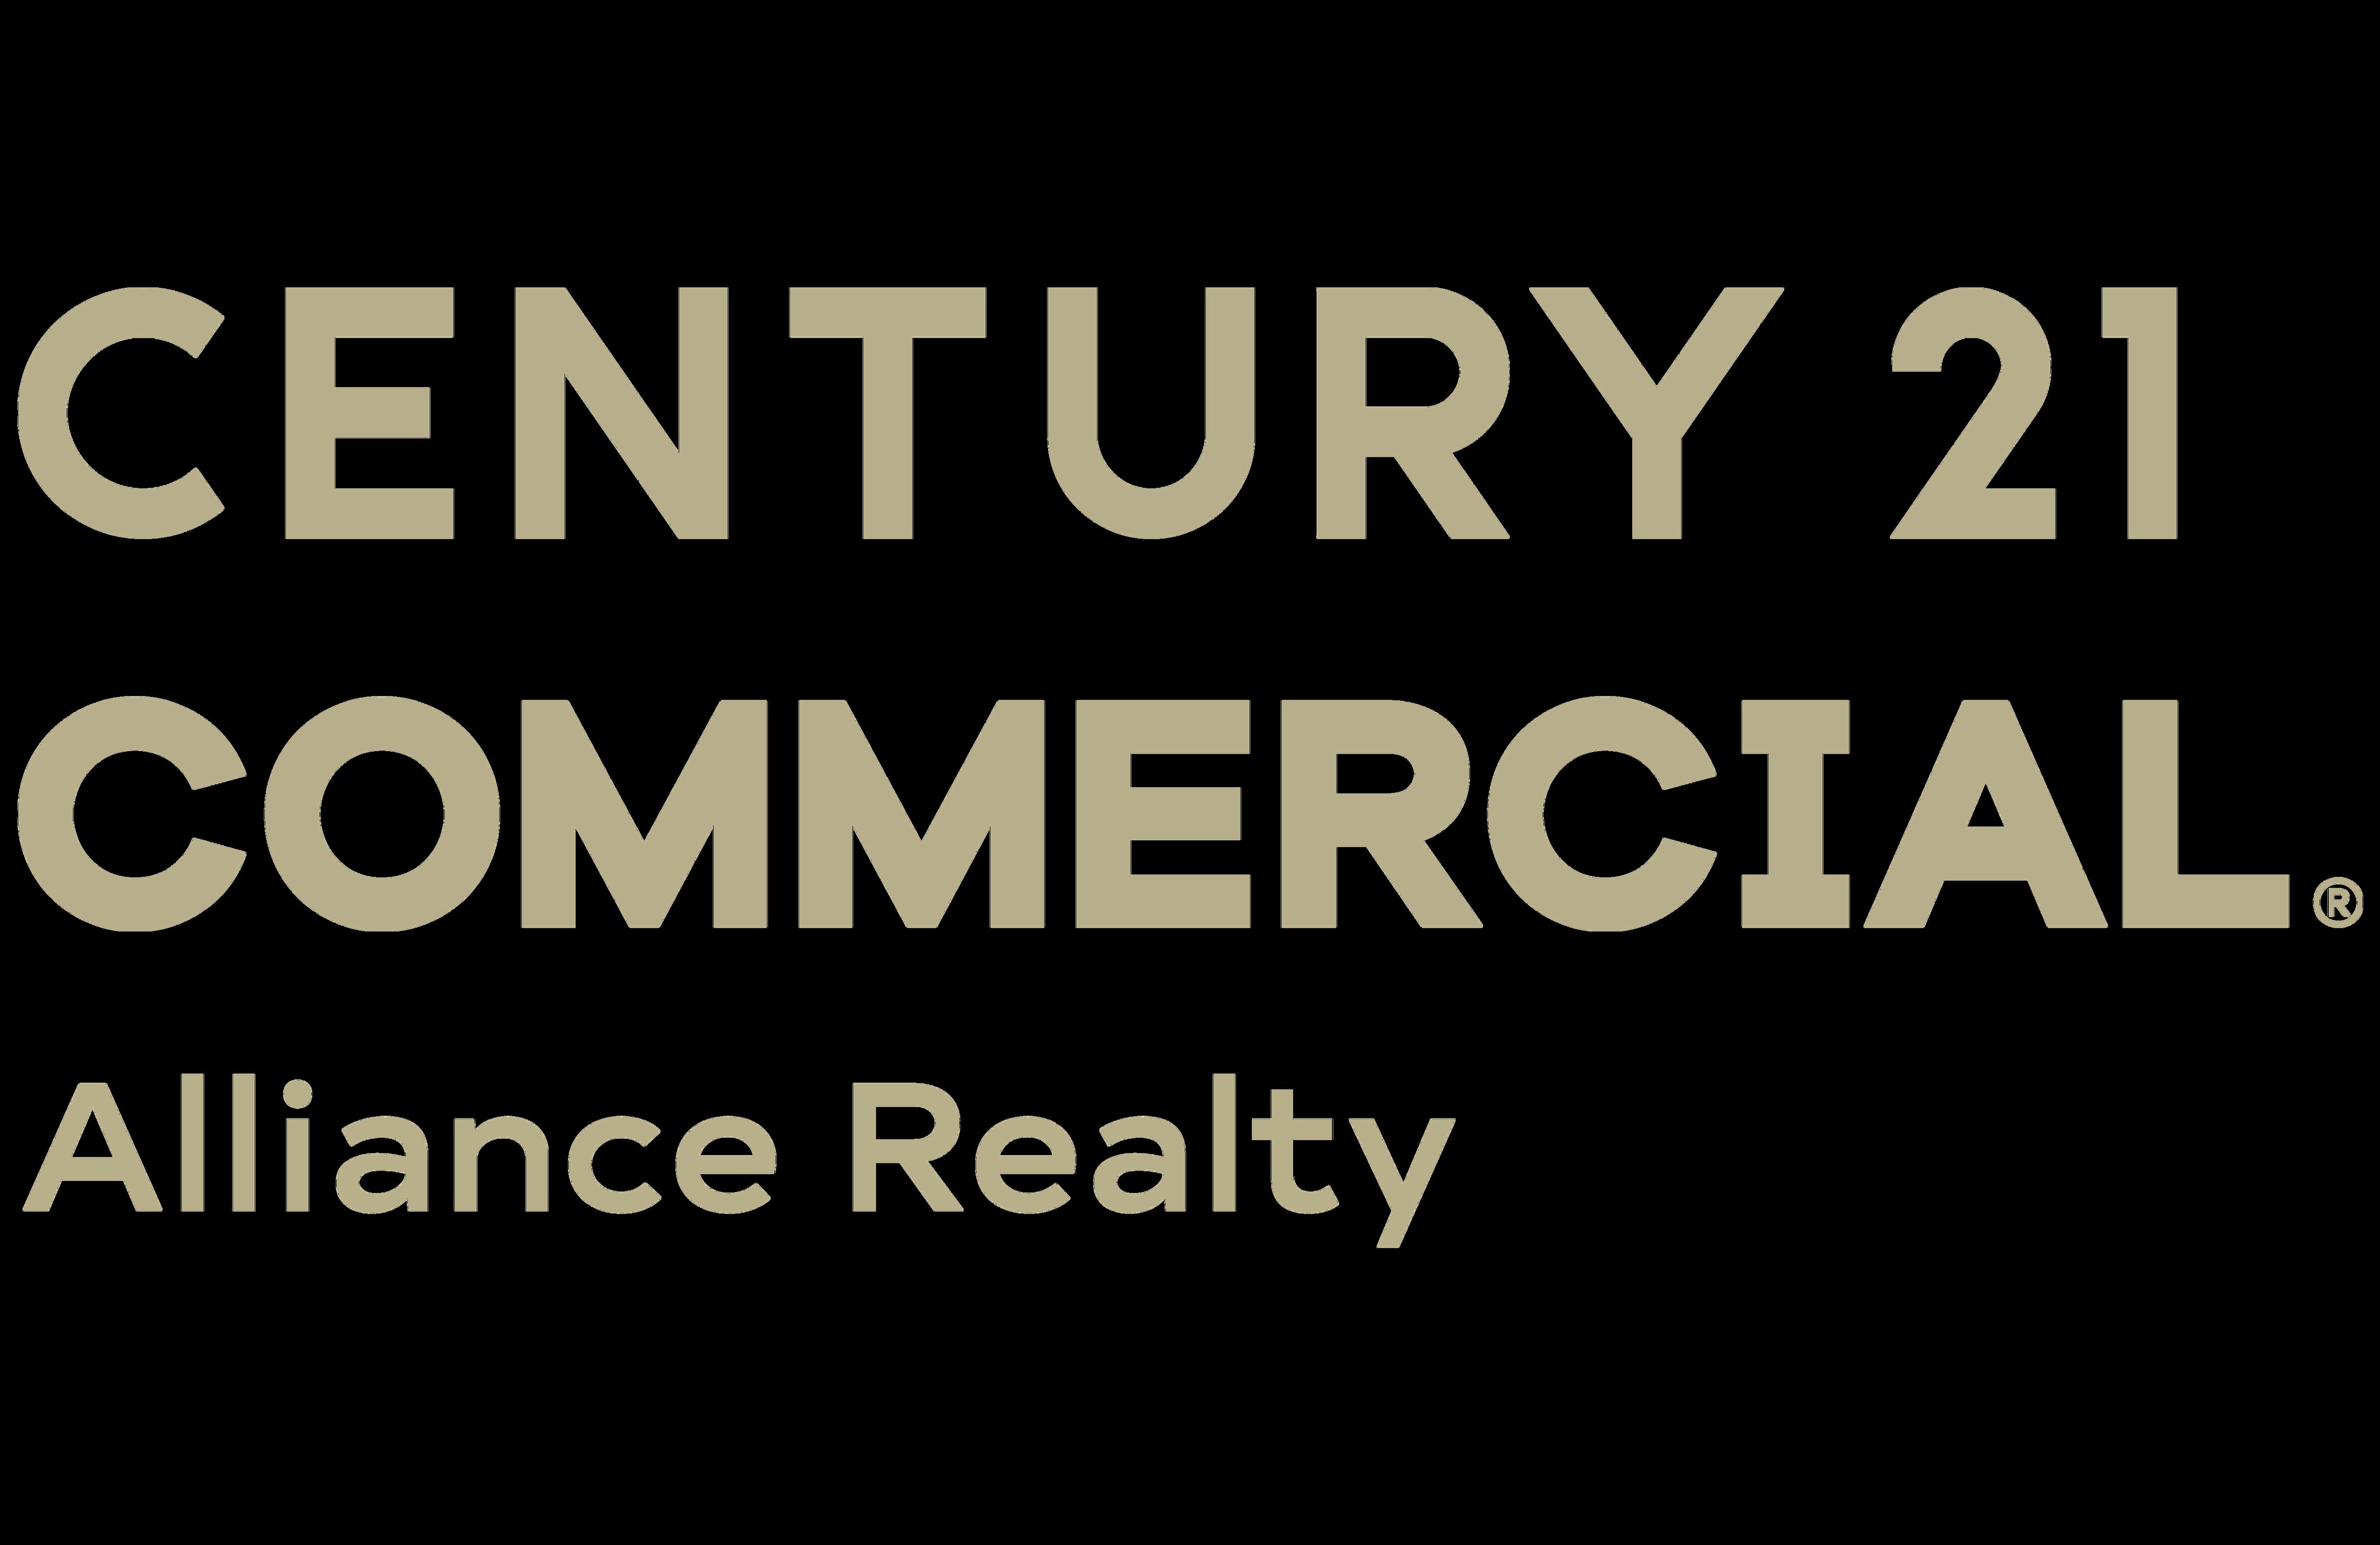 CENTURY 21 Alliance Realty